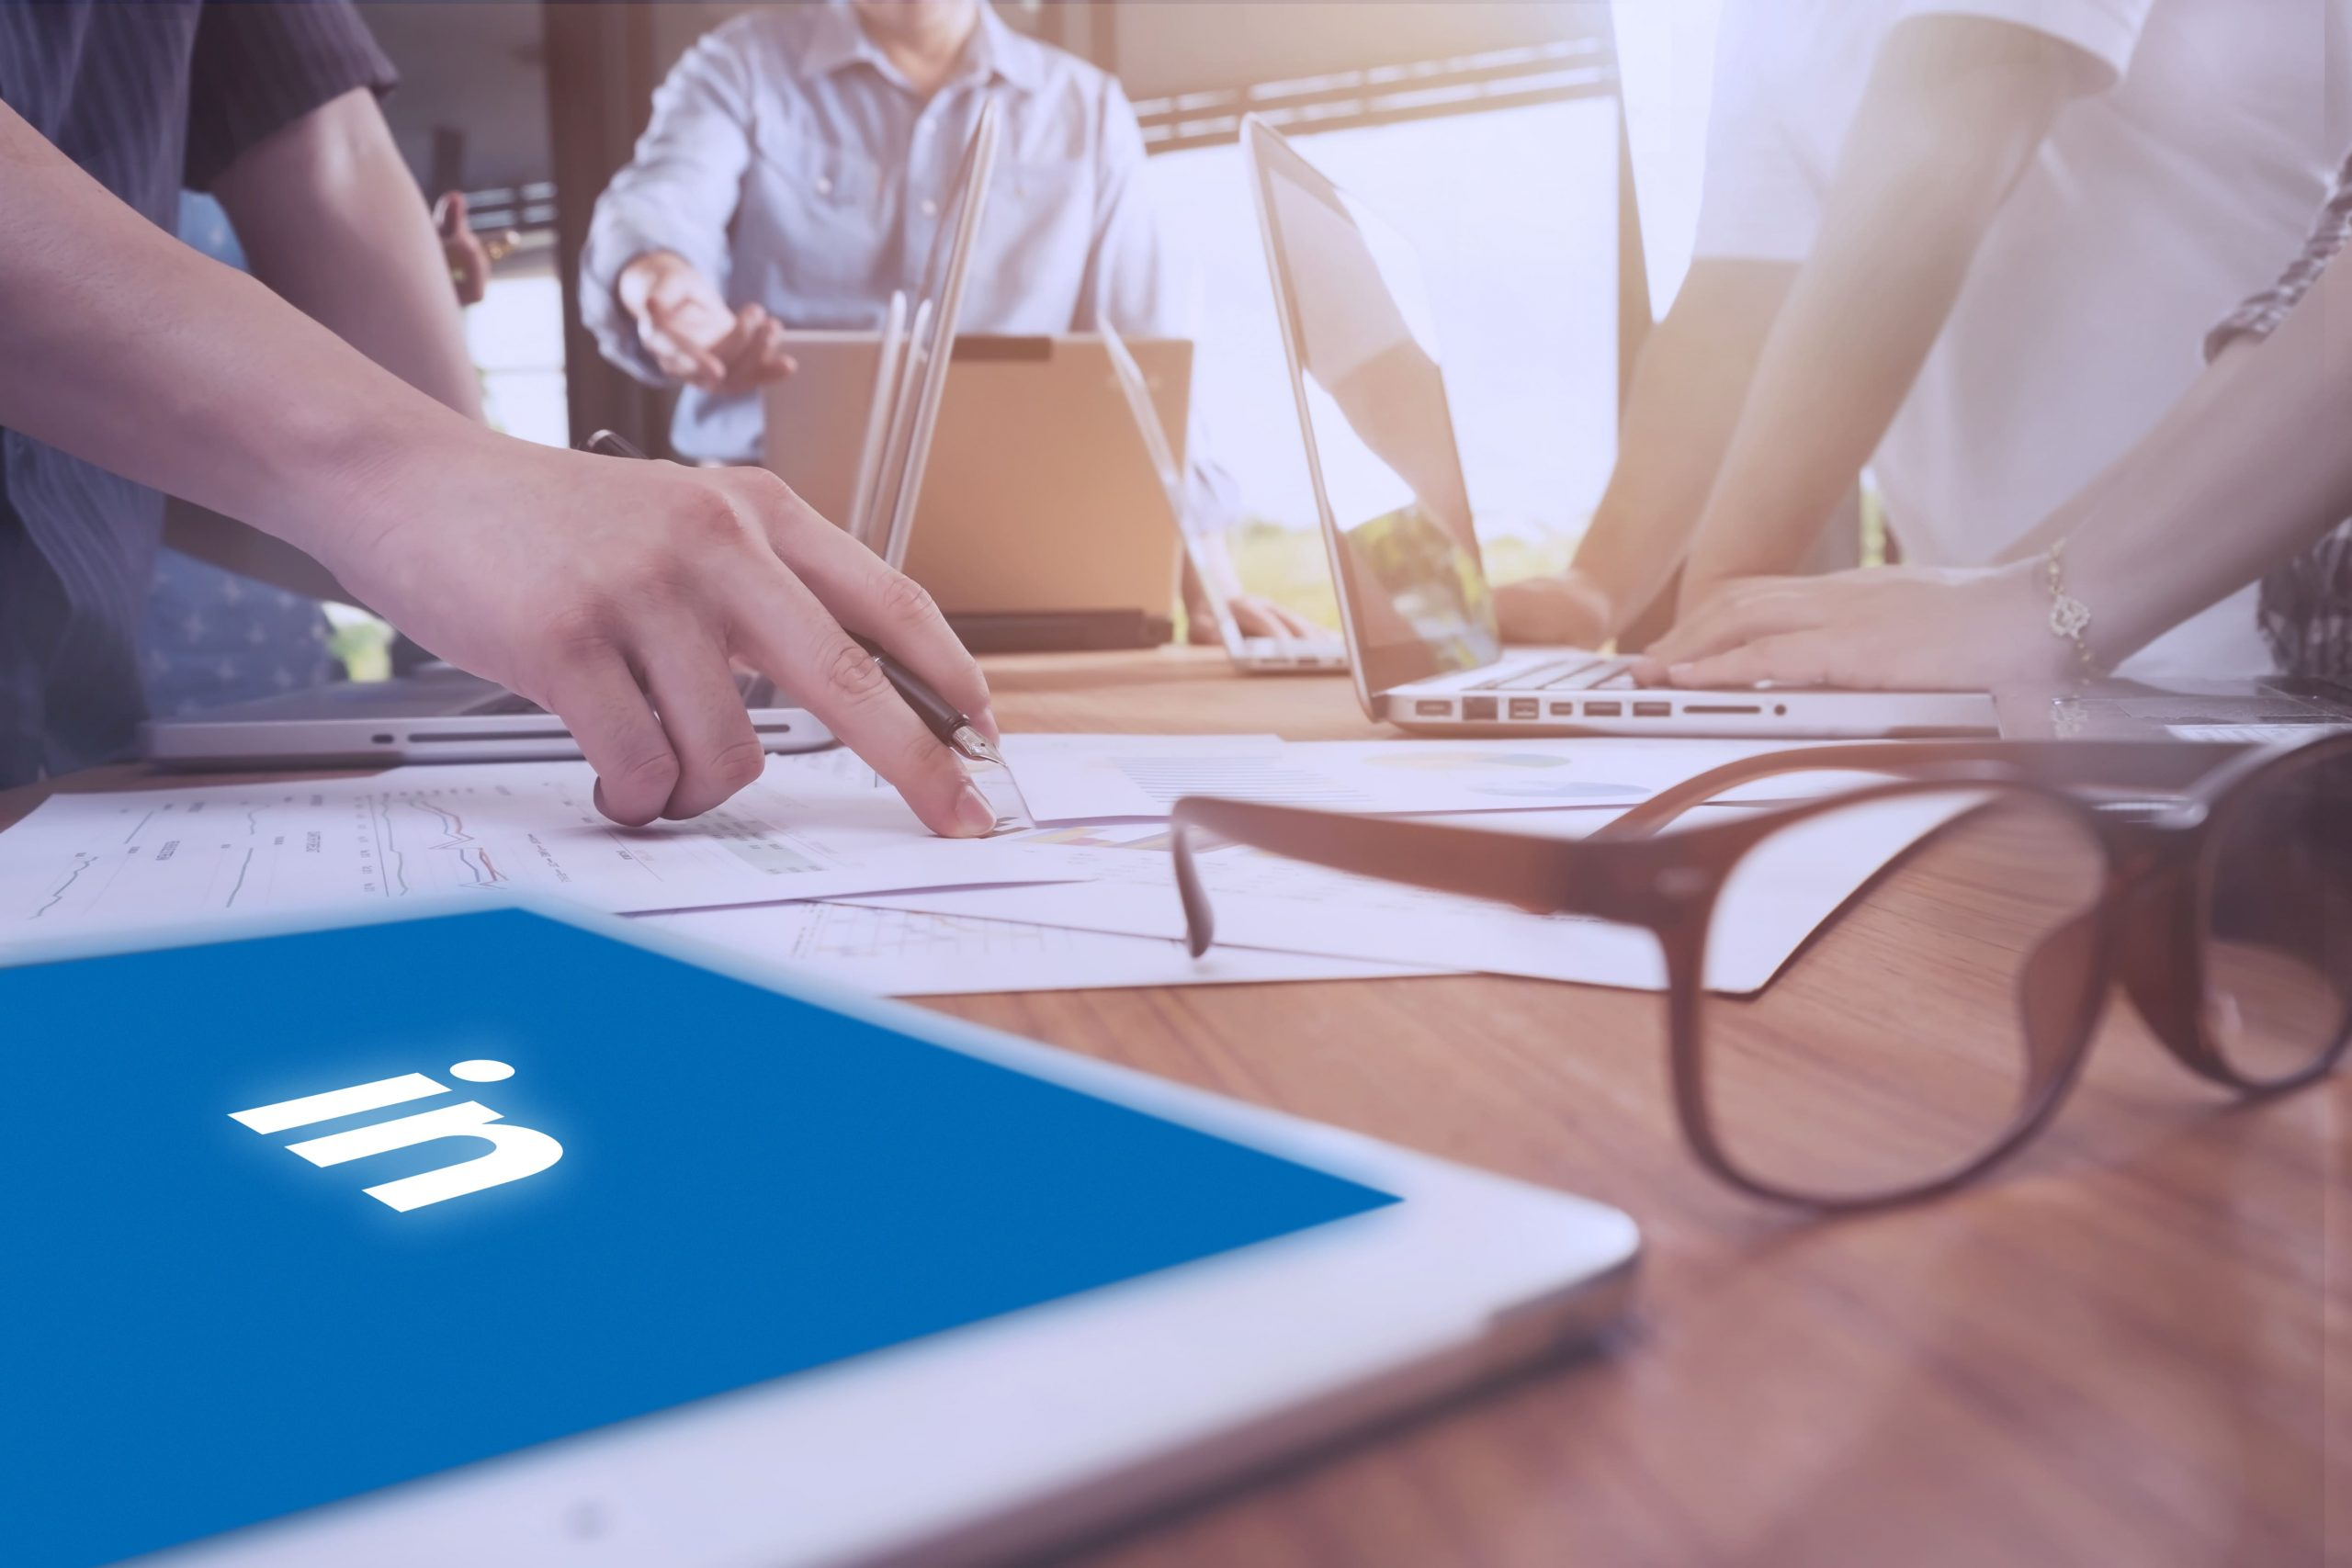 ¿Cómo puedo mejorar mi engagement en LinkedIn? - BeBrand